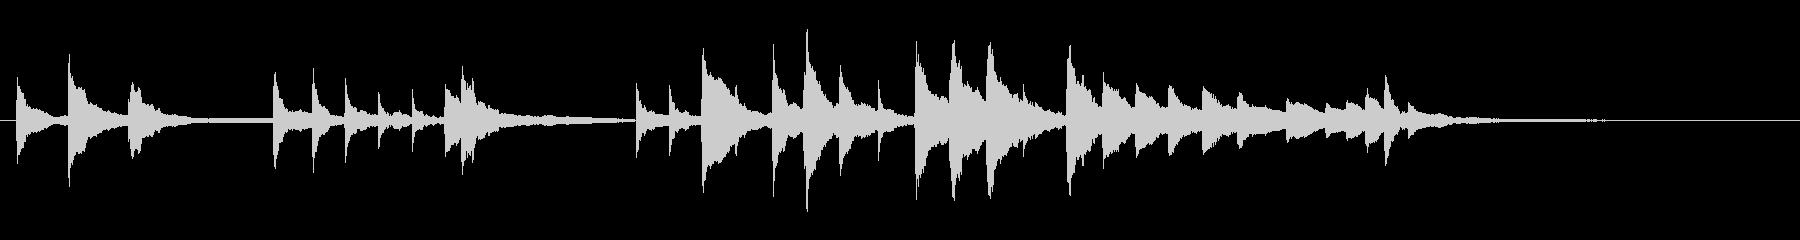 幻想的な終わり方のトロイメライ 25秒程の未再生の波形